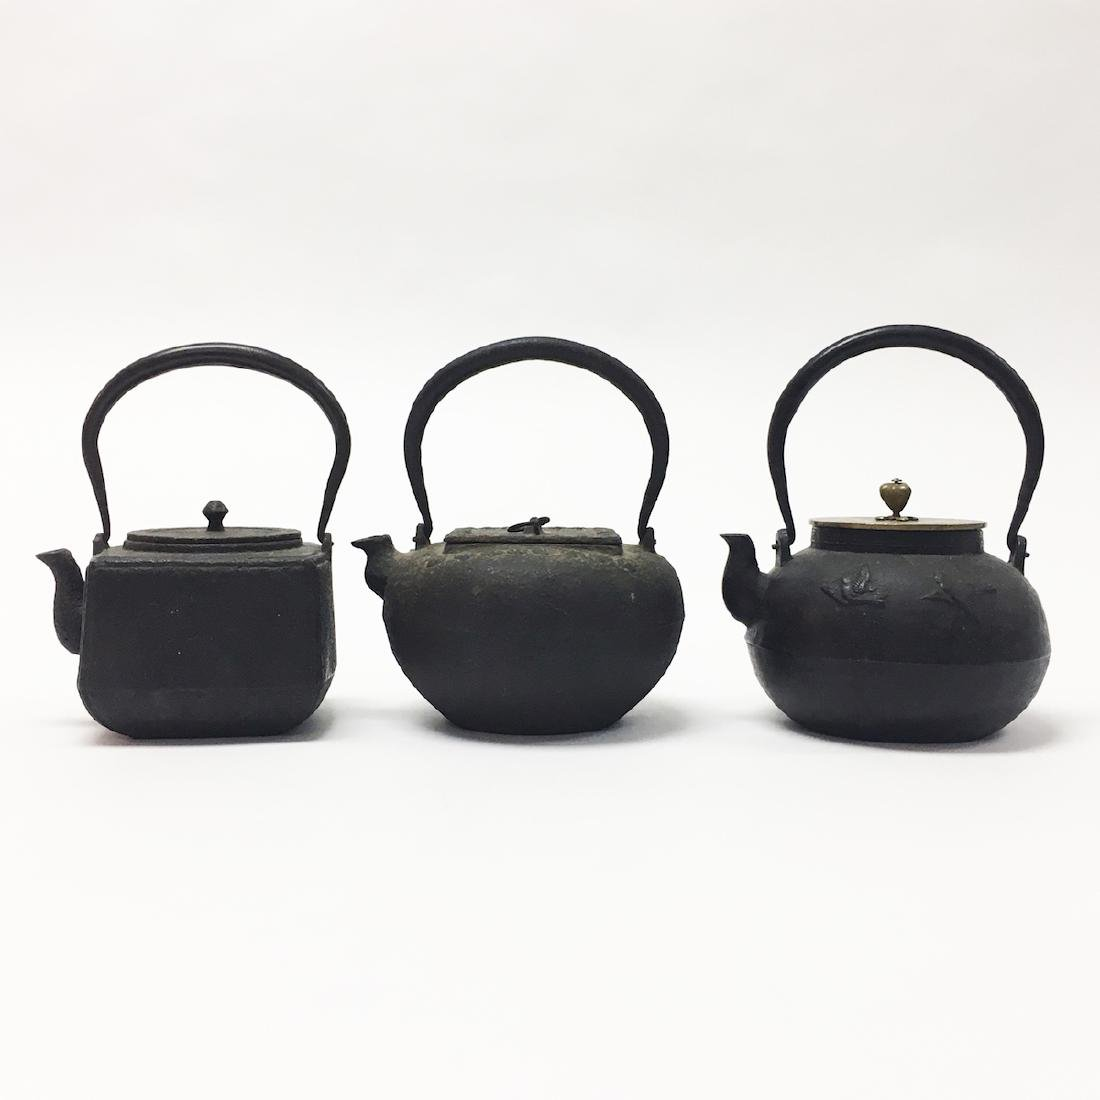 Three Asian Iron Teapots